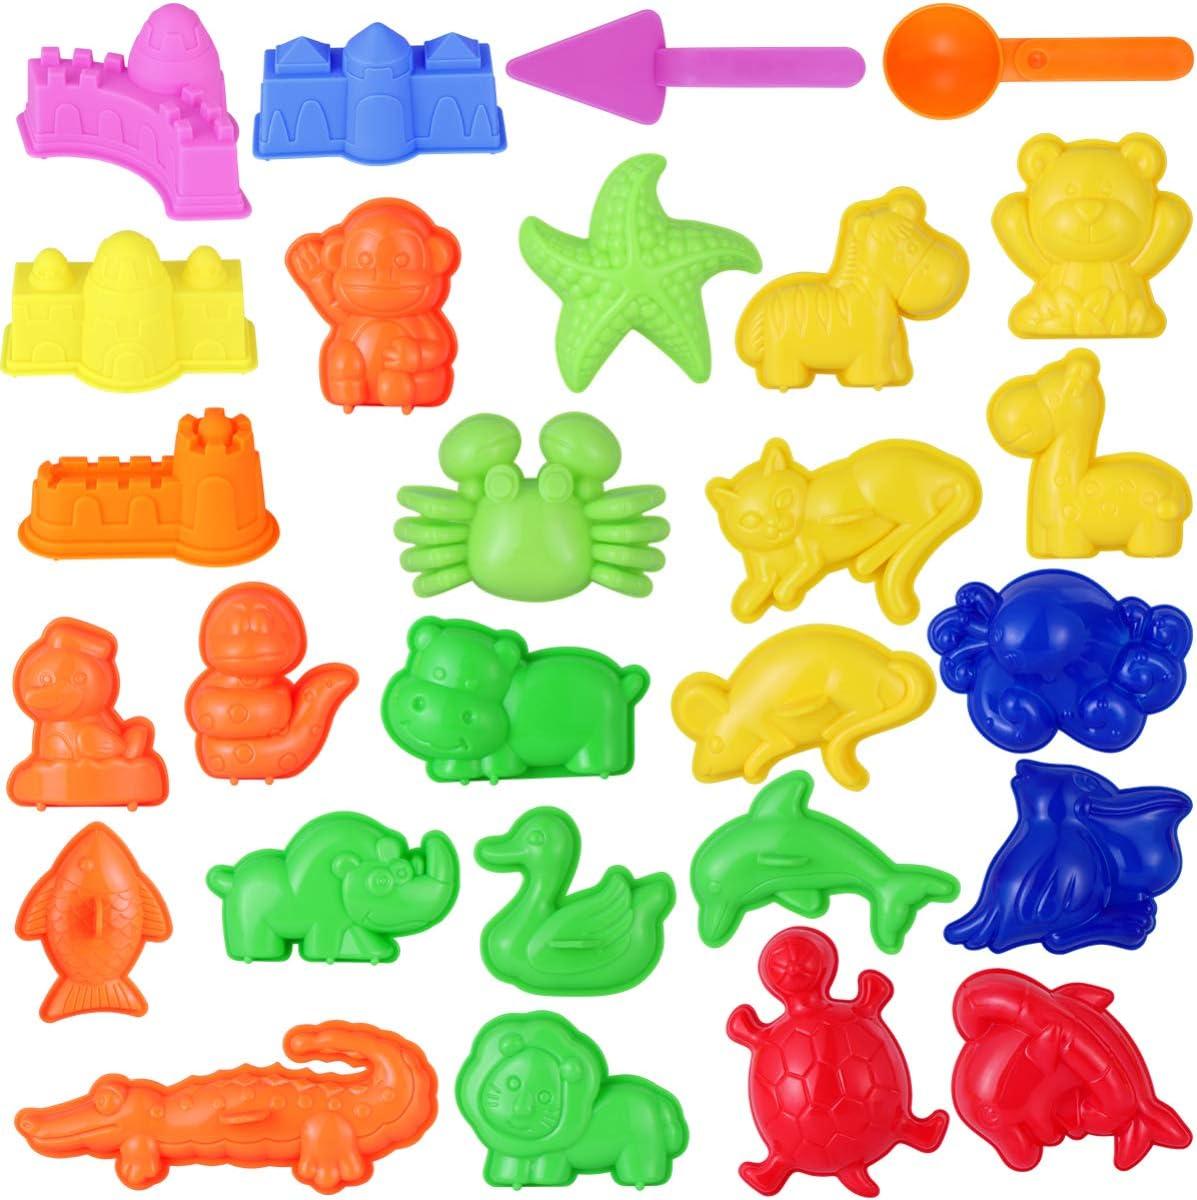 Conjunto de brinquedos de areia com 27 peças